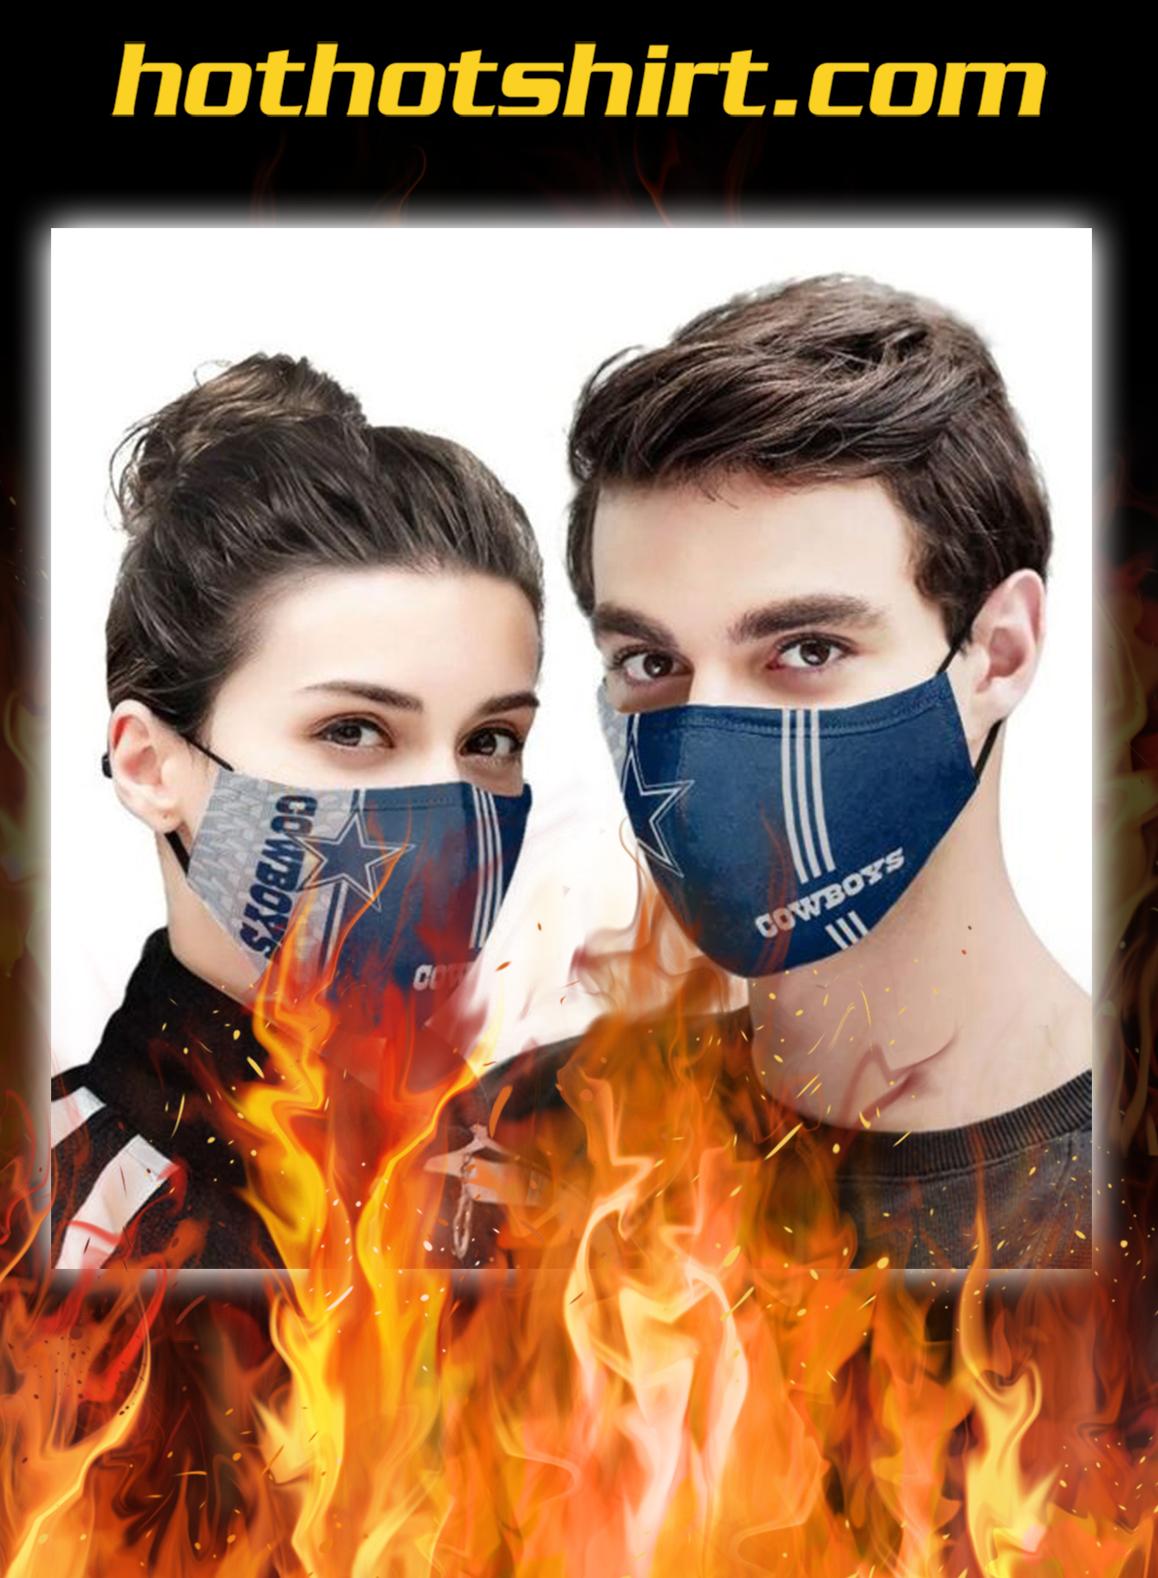 Dallas cowboys 3d face mask - pic 1